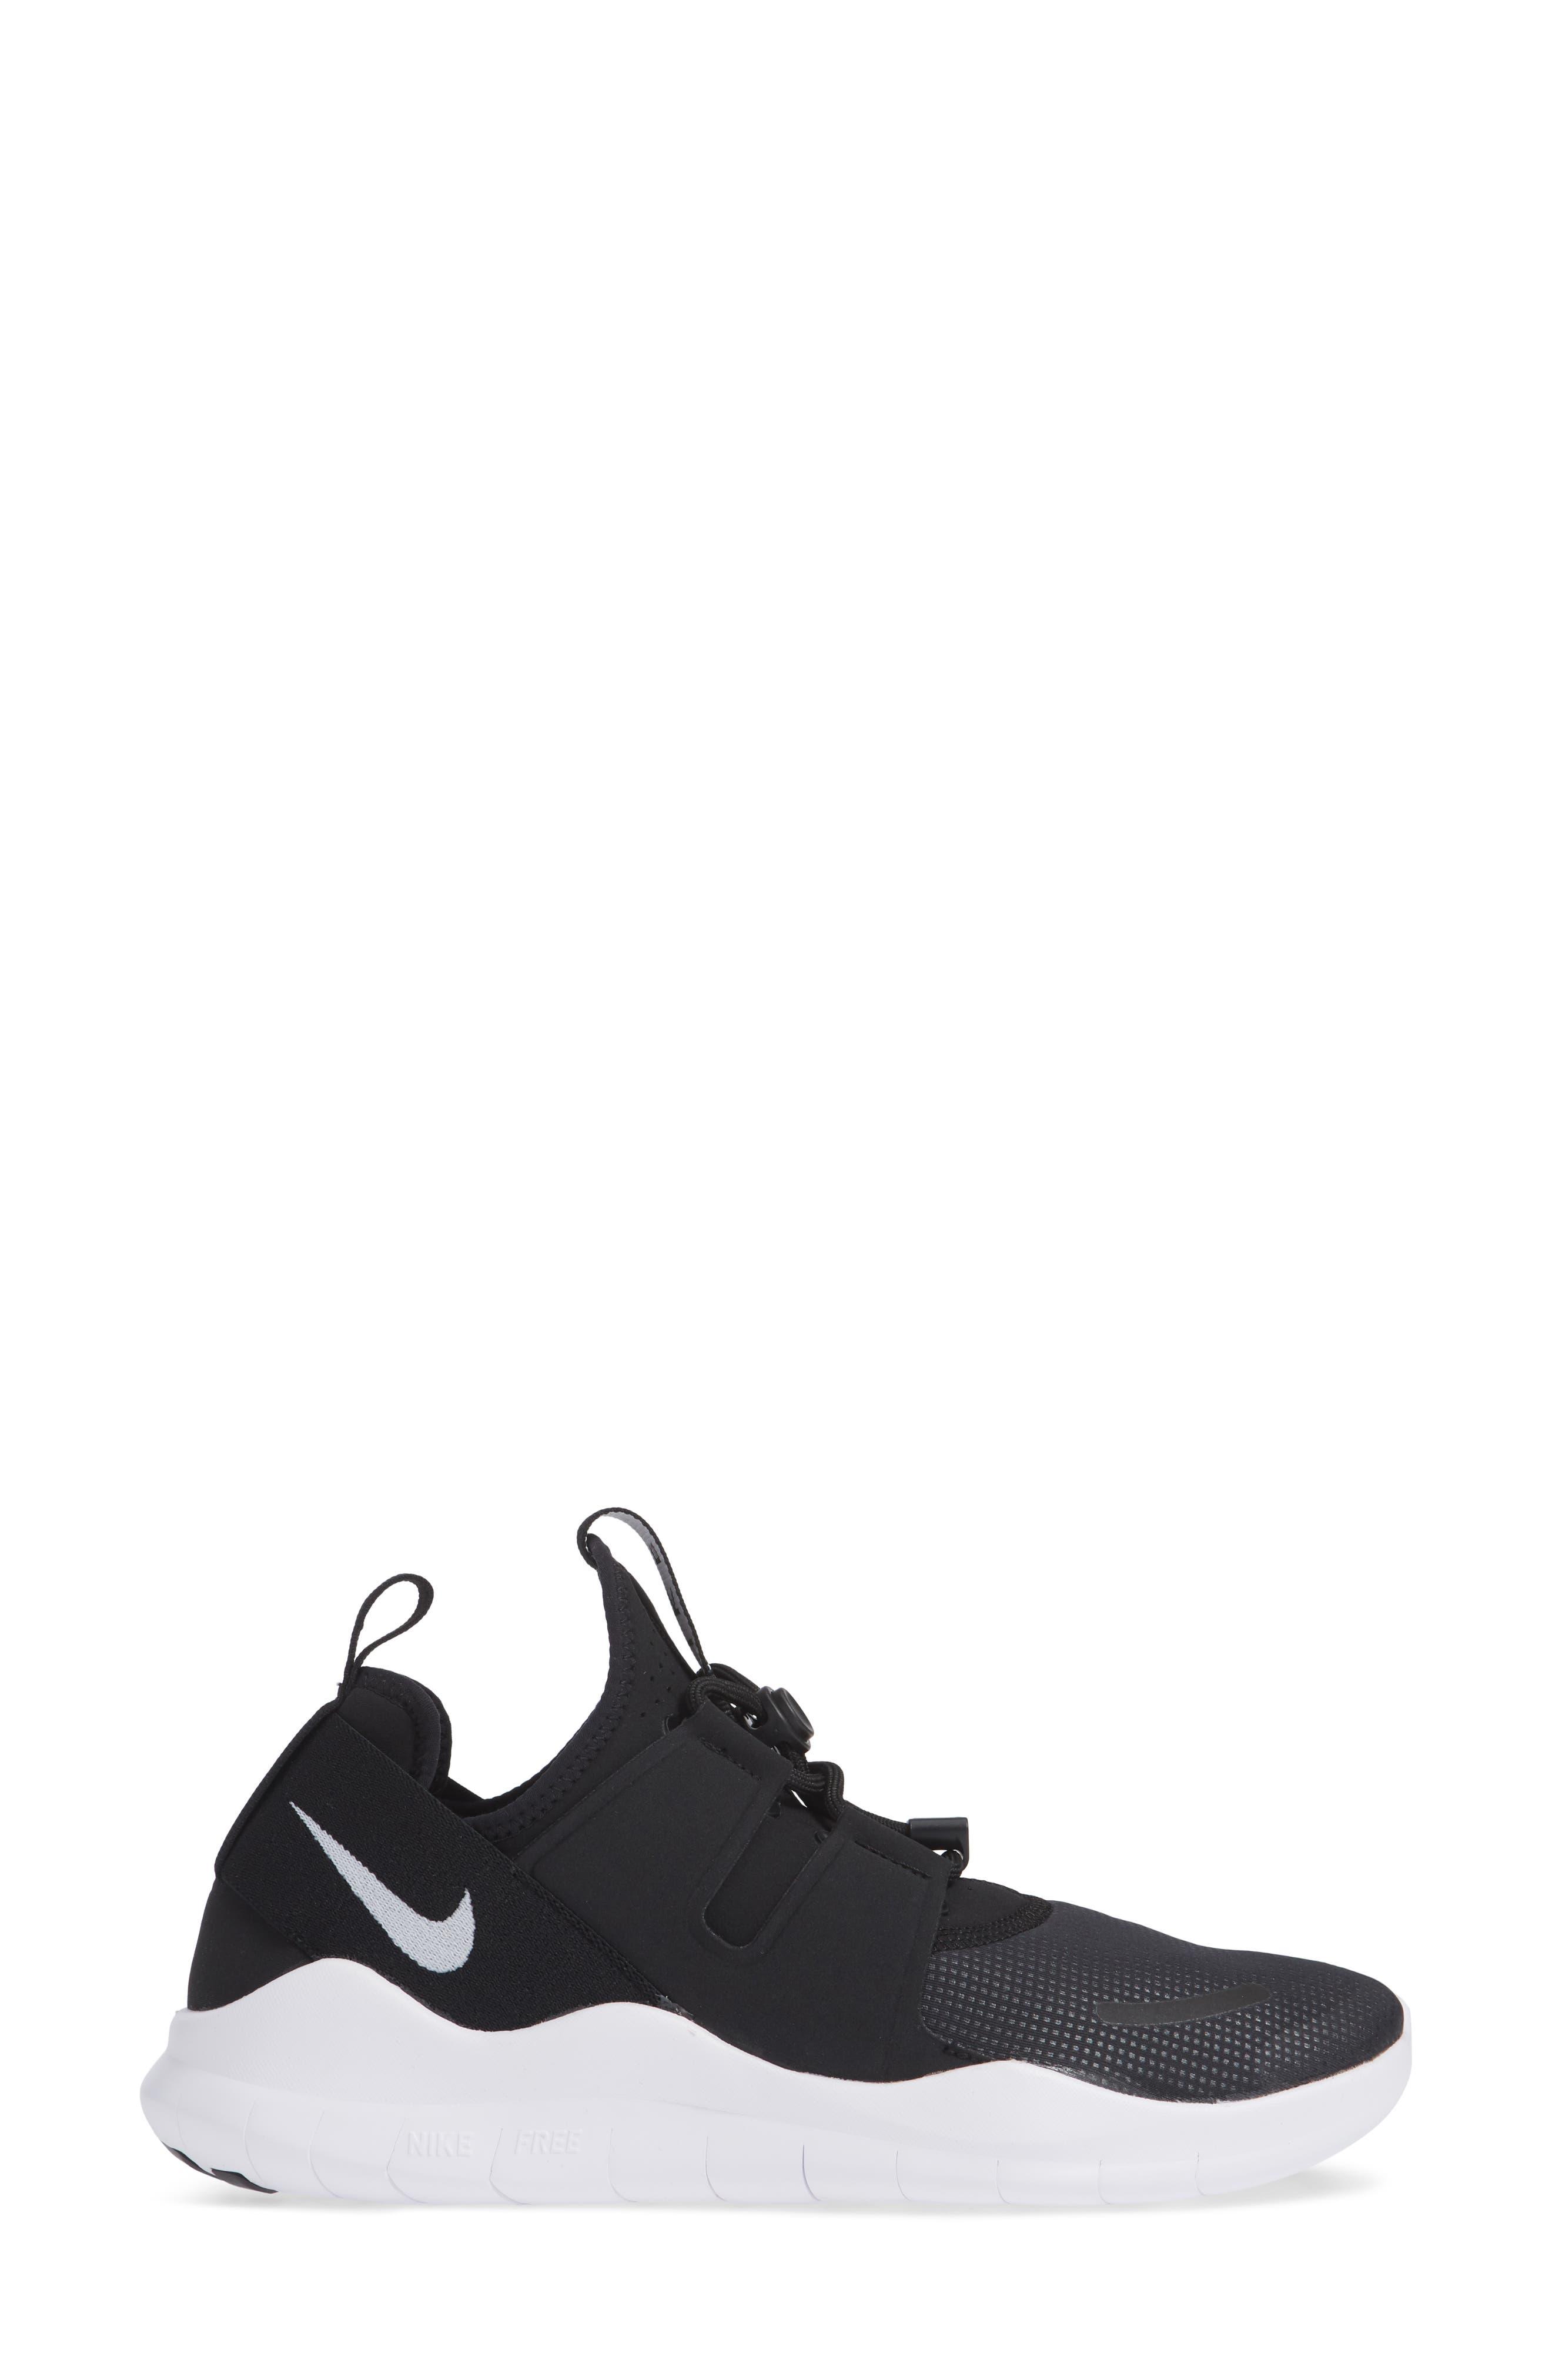 Free RN Commuter 2018 Running Shoe,                             Alternate thumbnail 3, color,                             BLACK/ WHITE